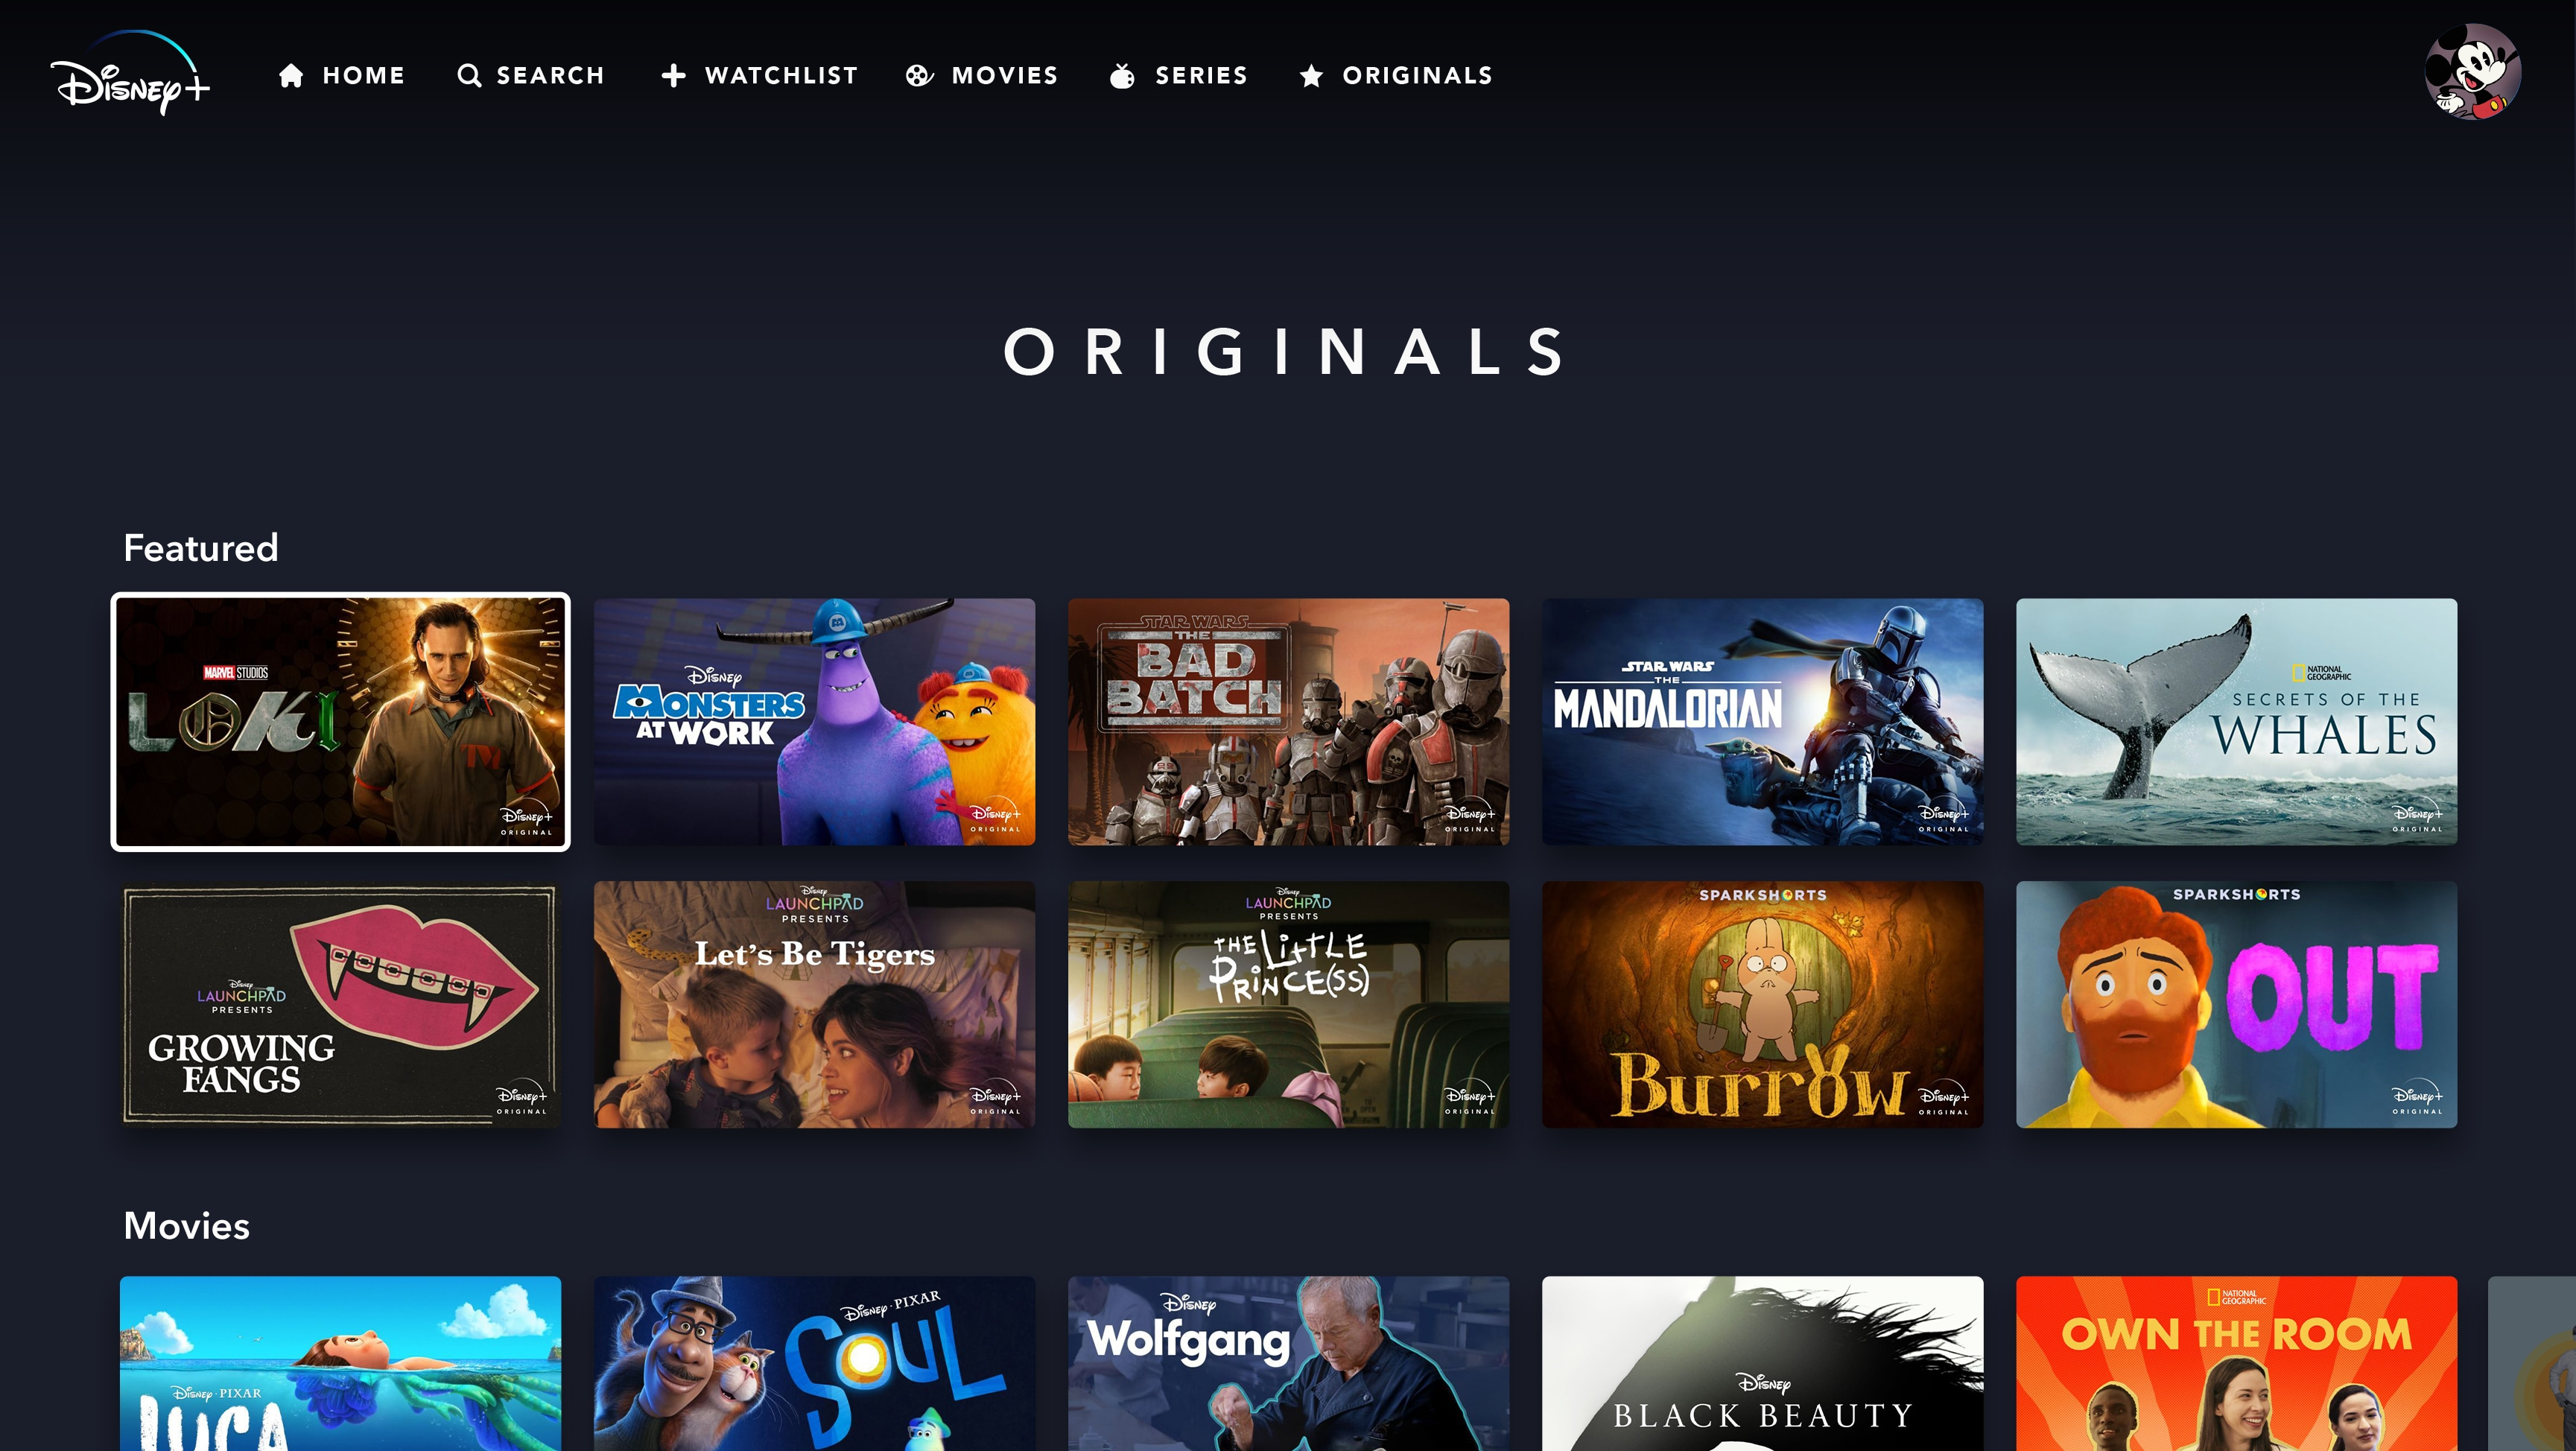 Disney+ Originals Page on Web